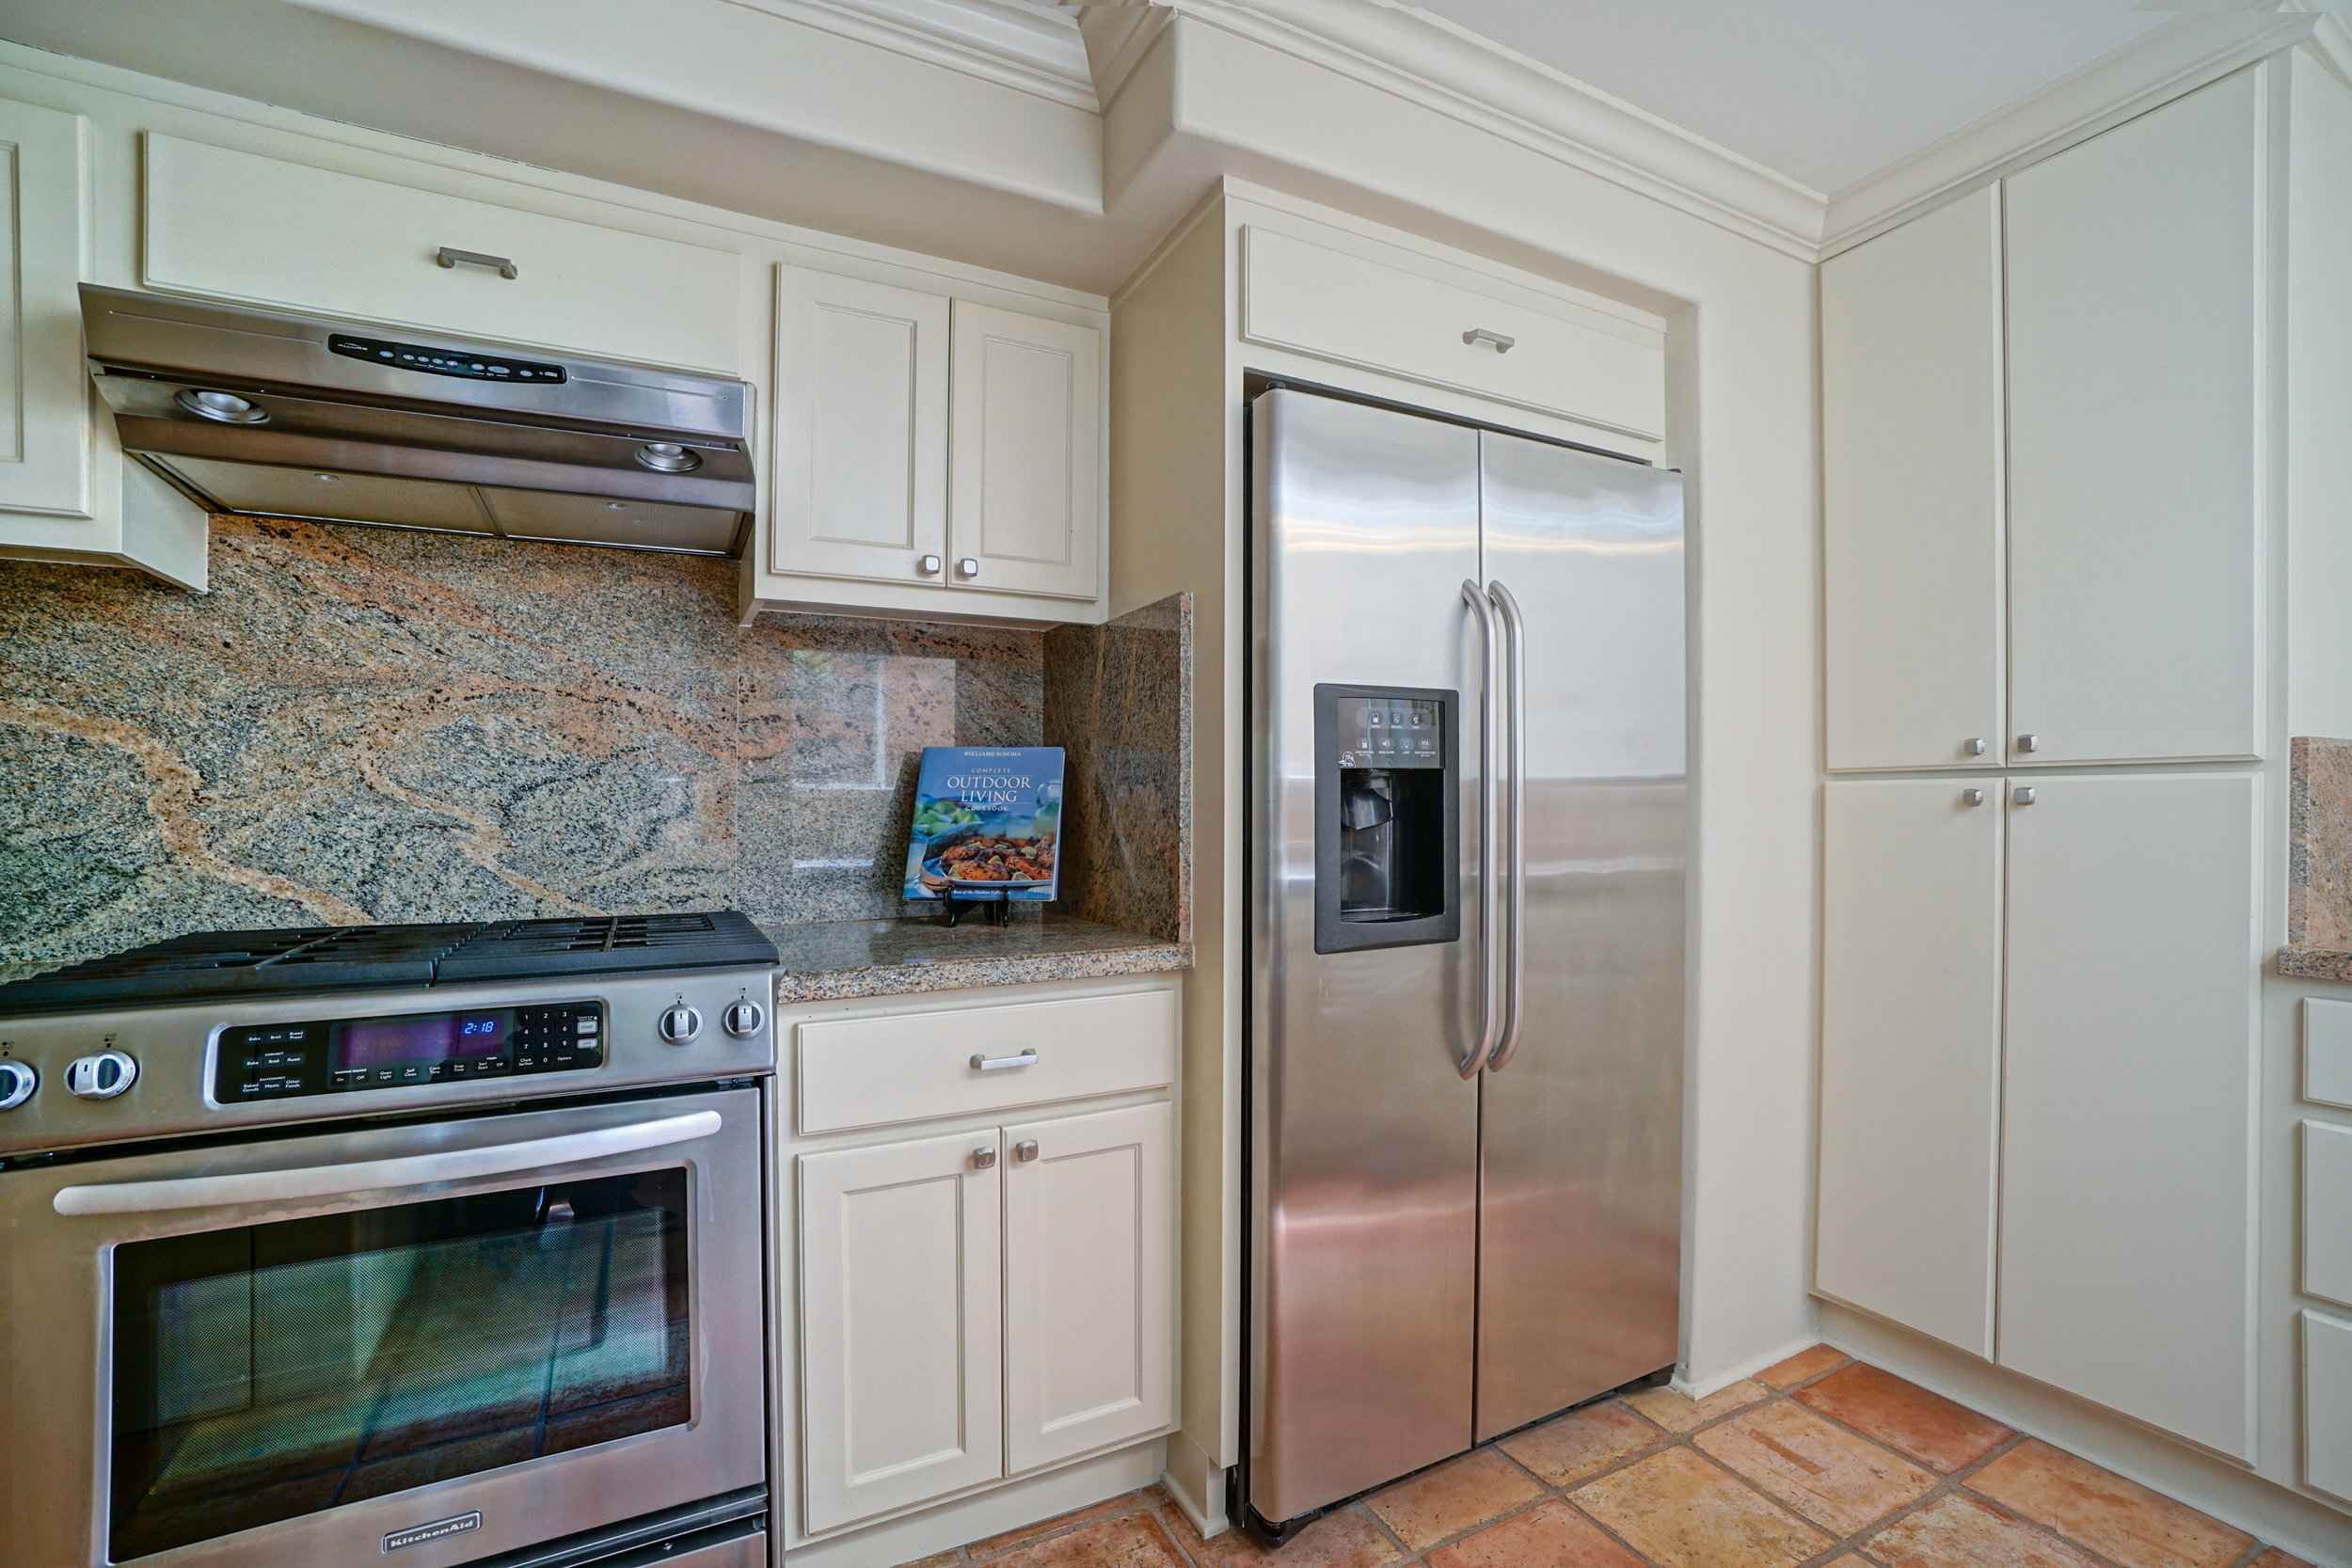 14 kitchen 4.jpg